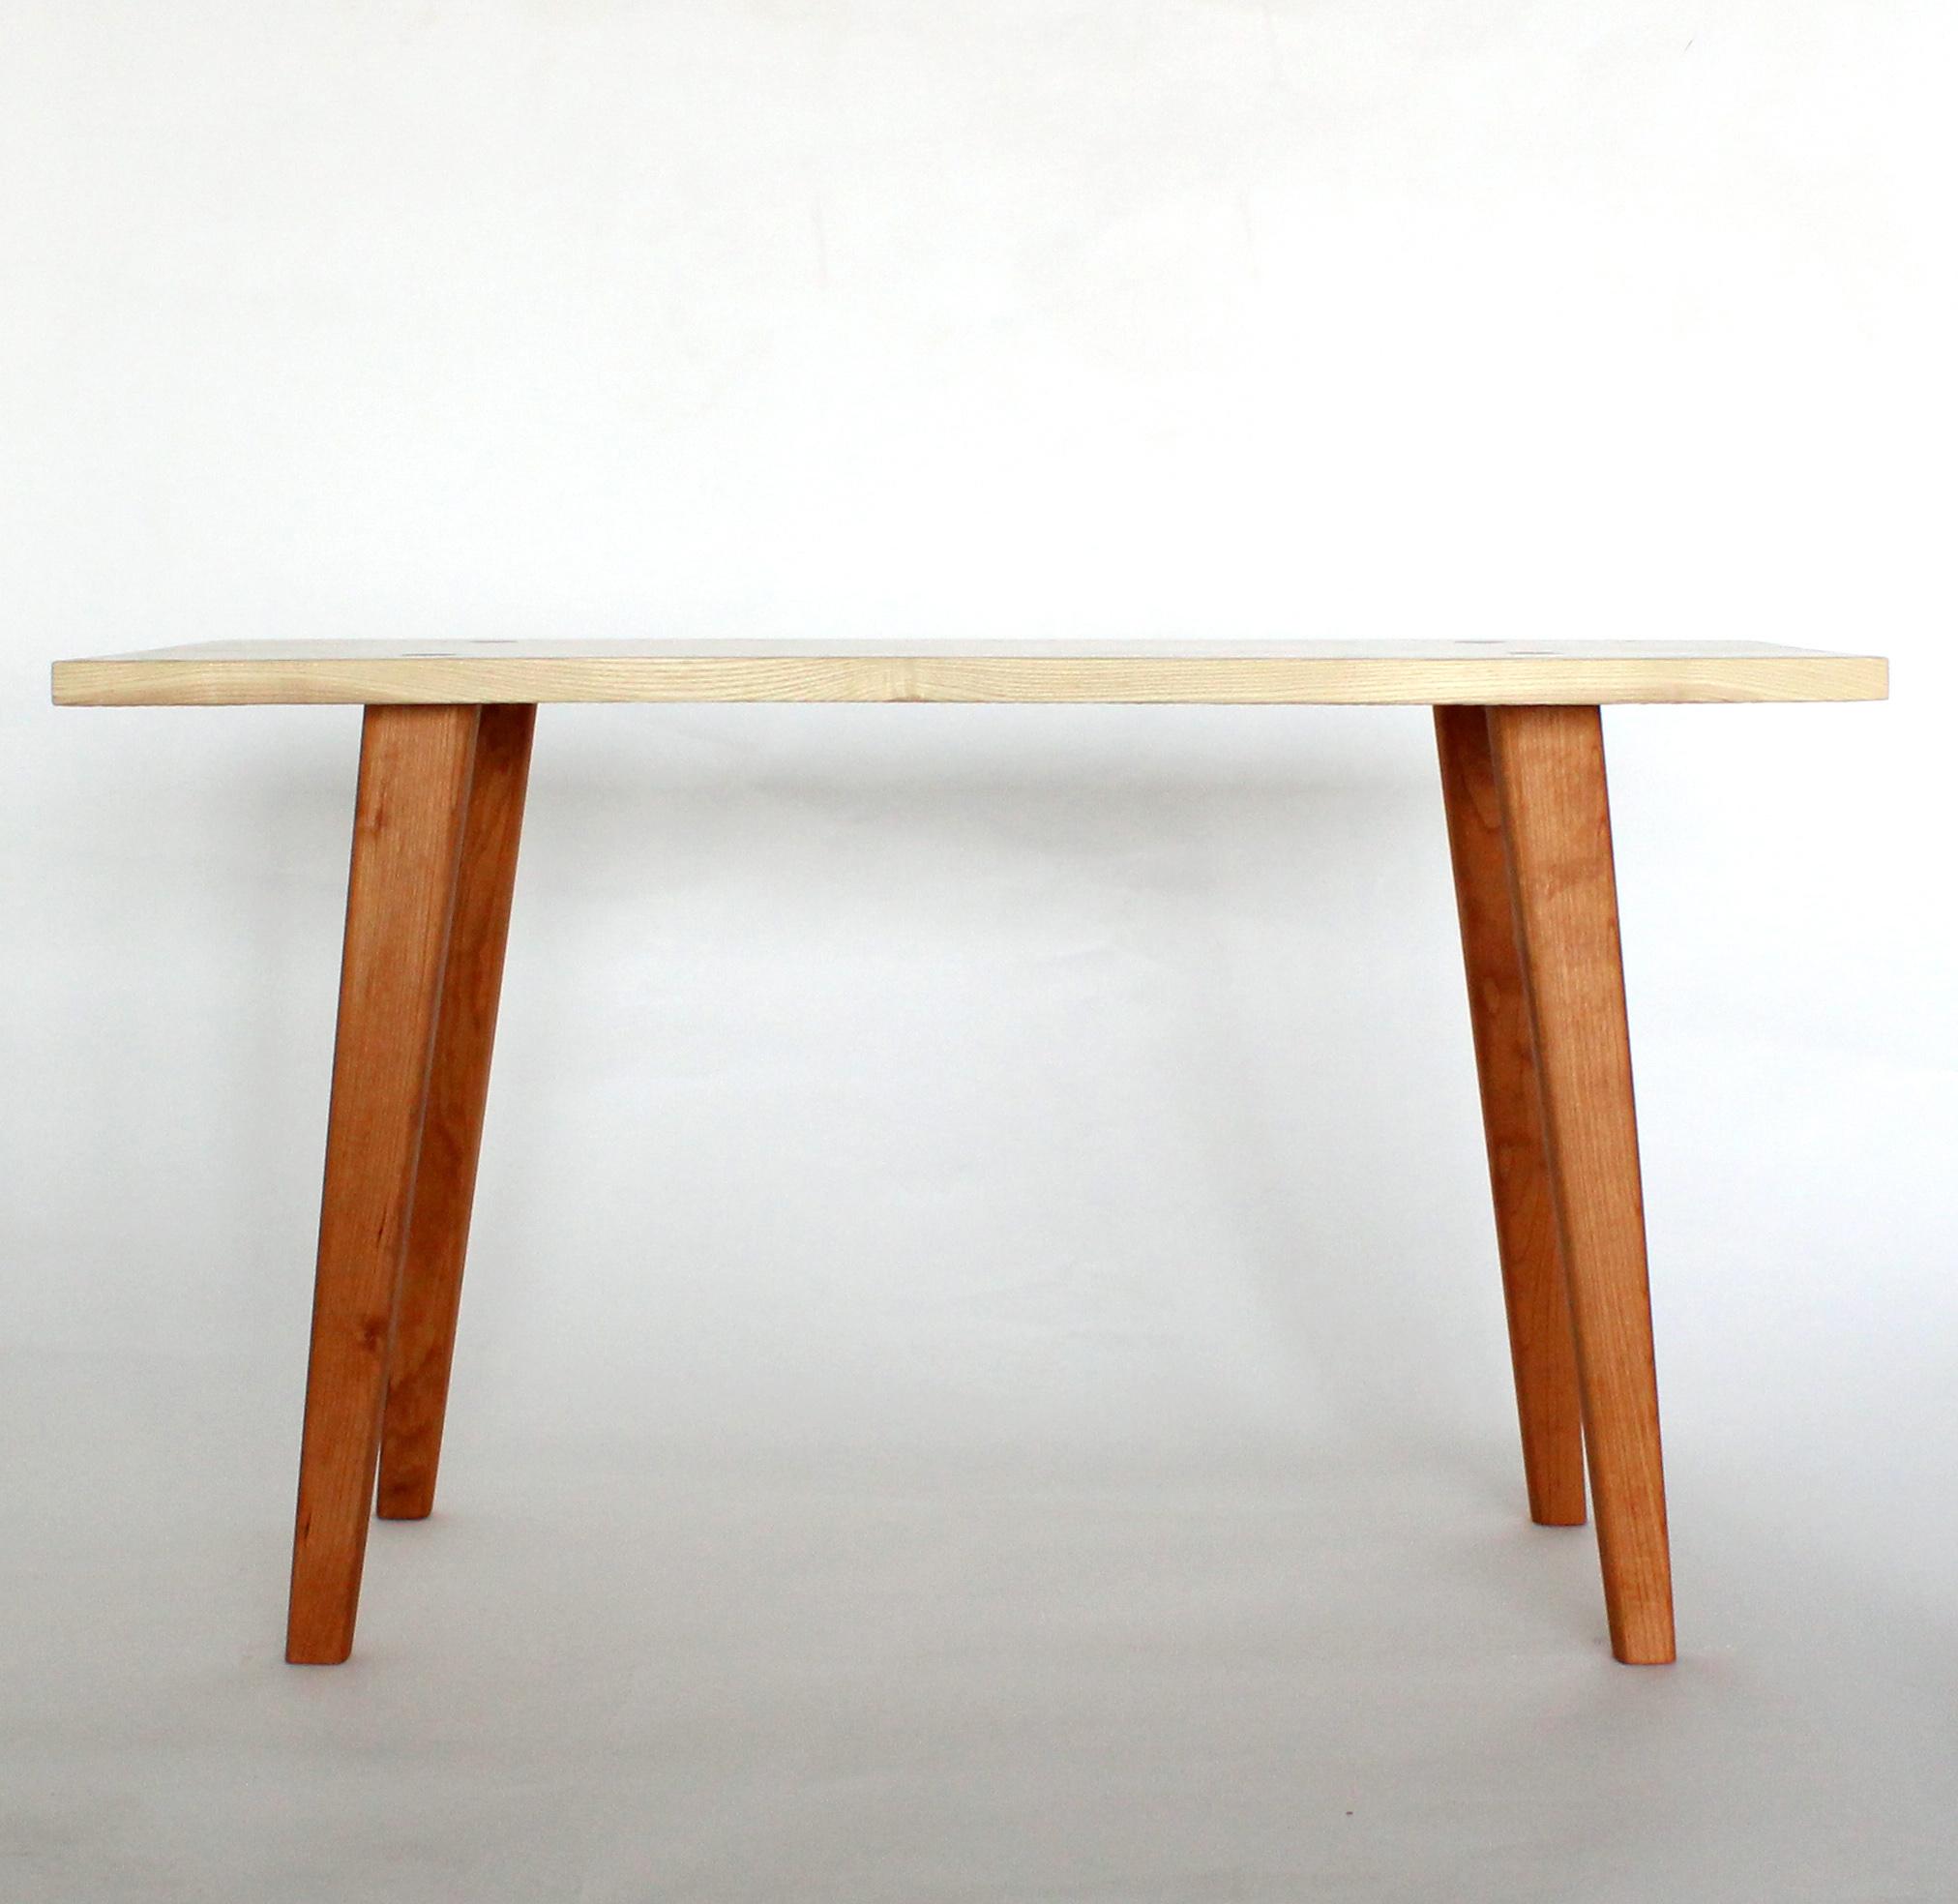 Emma Senft, table, Montréal, custom furniture, mobilier, sur mesure, solid wood, bois